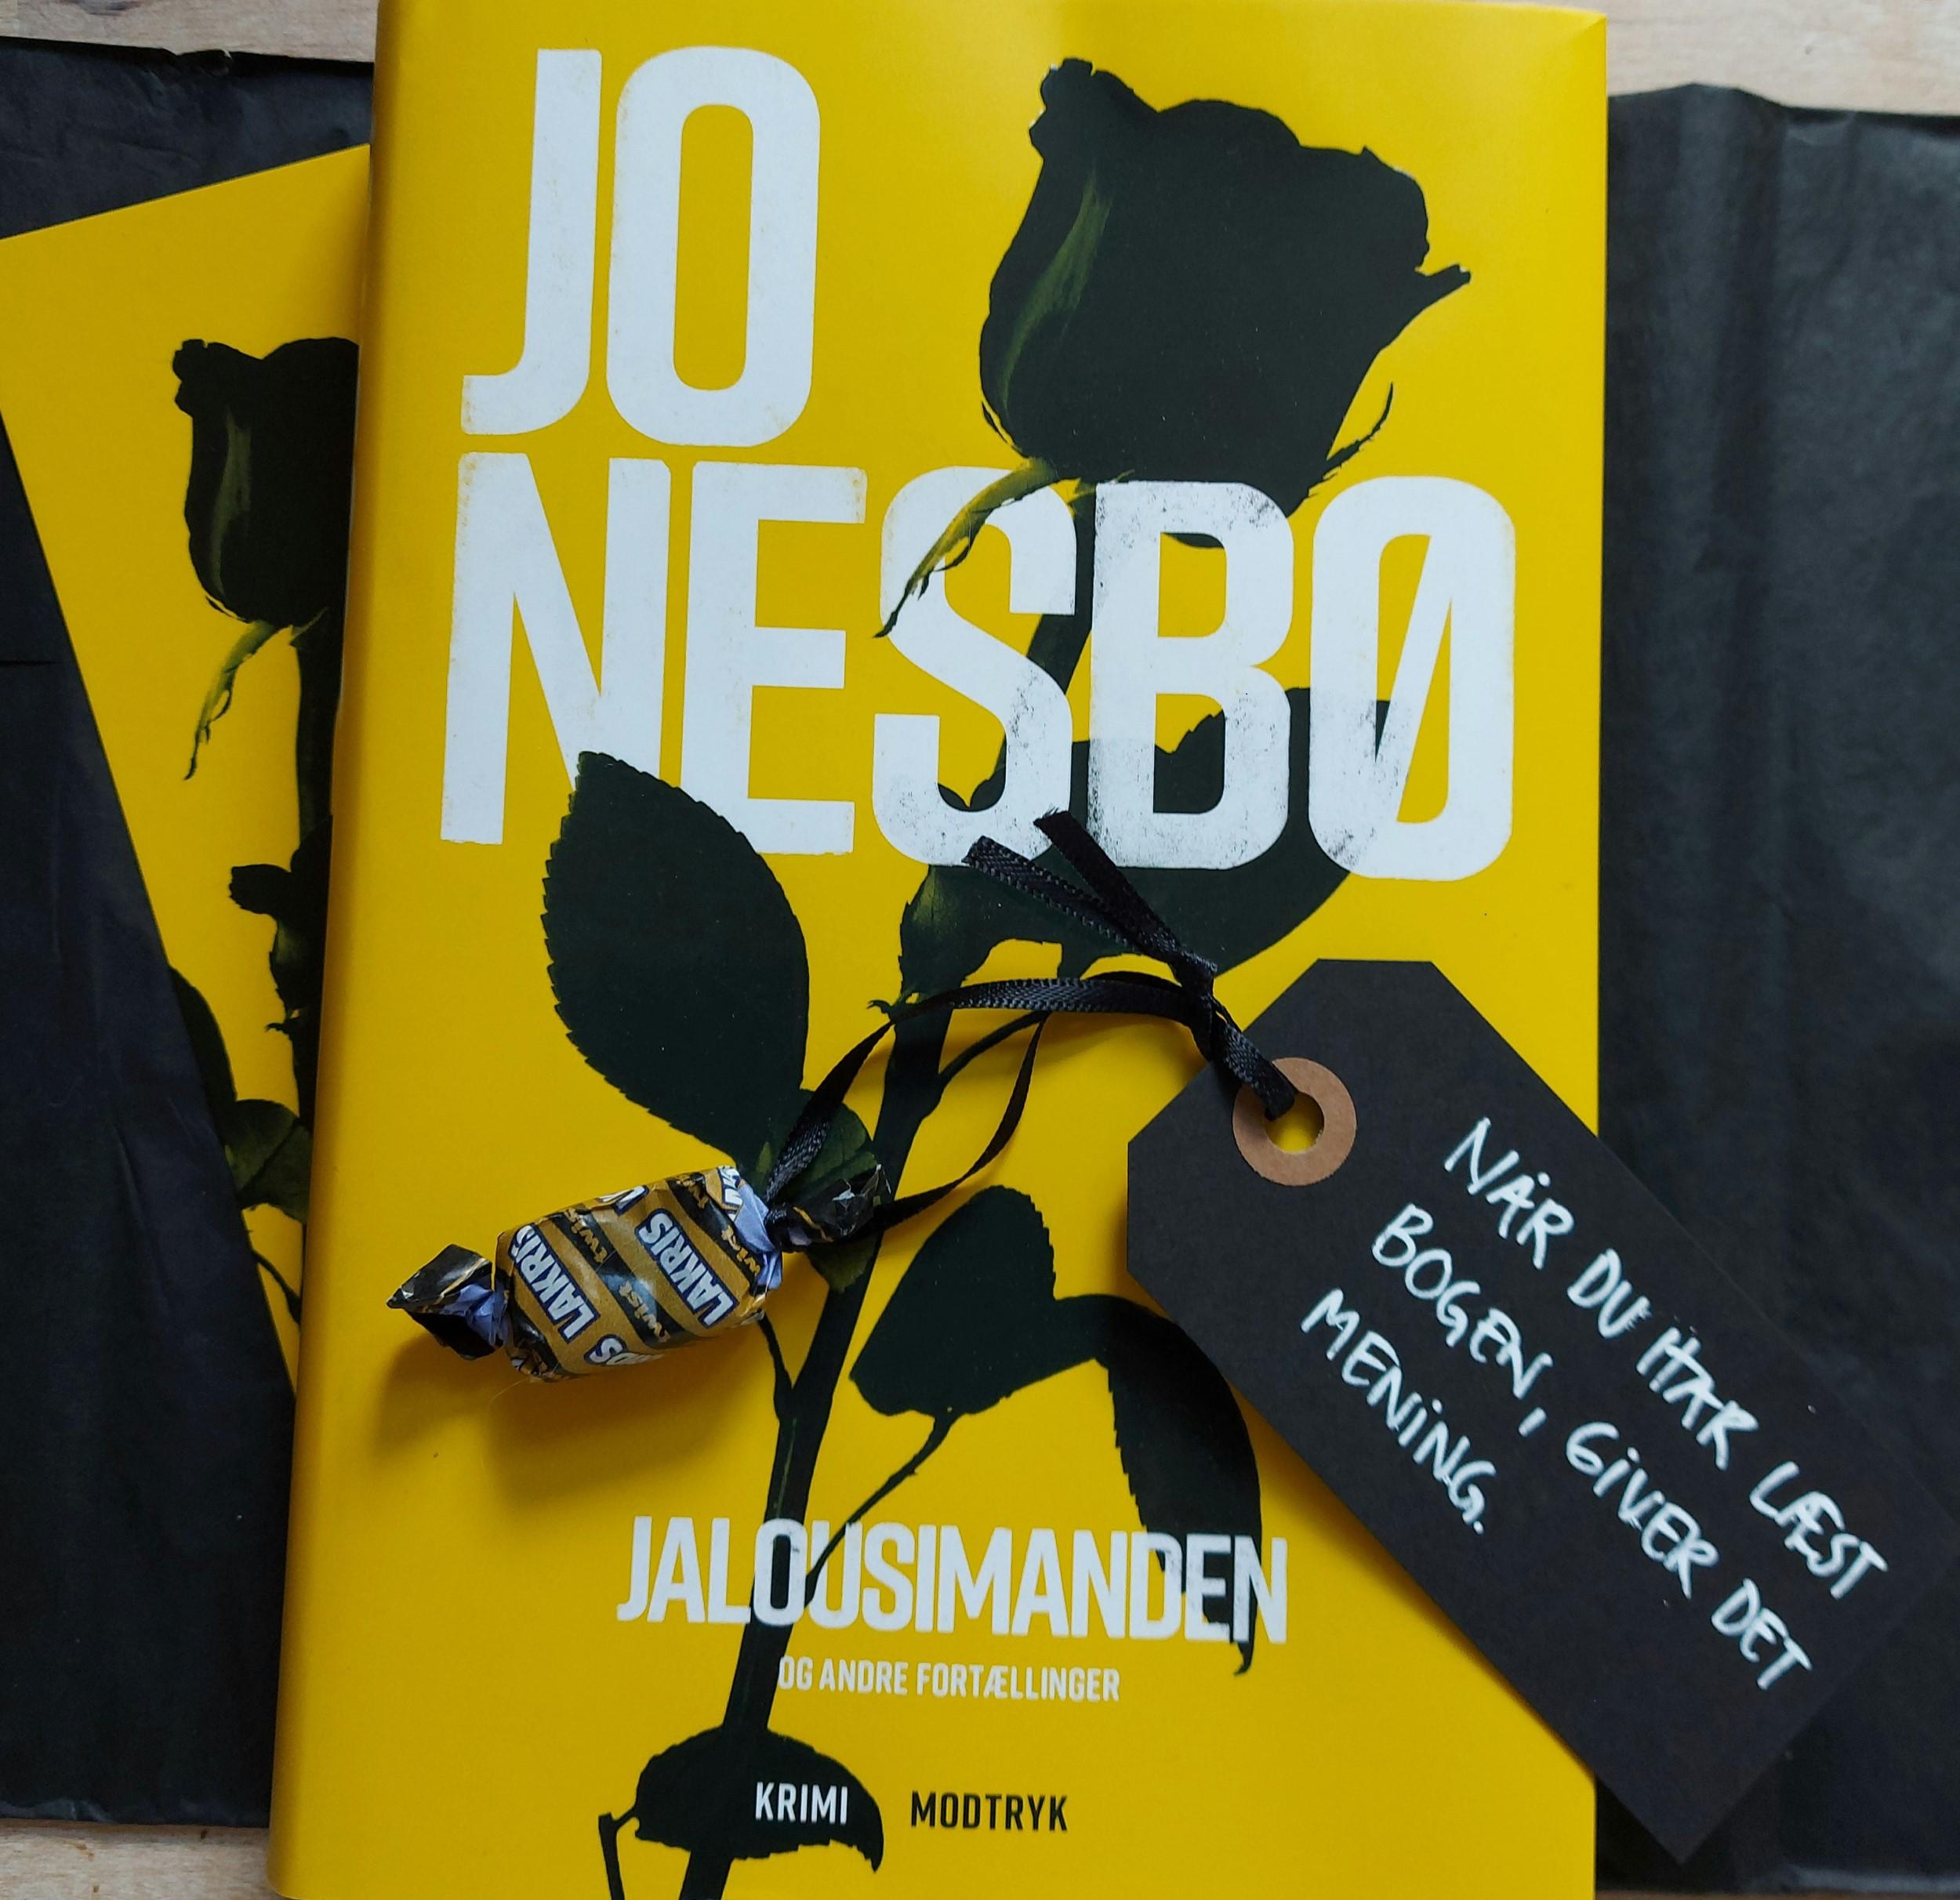 Jalousimanden af Jo Nesbø